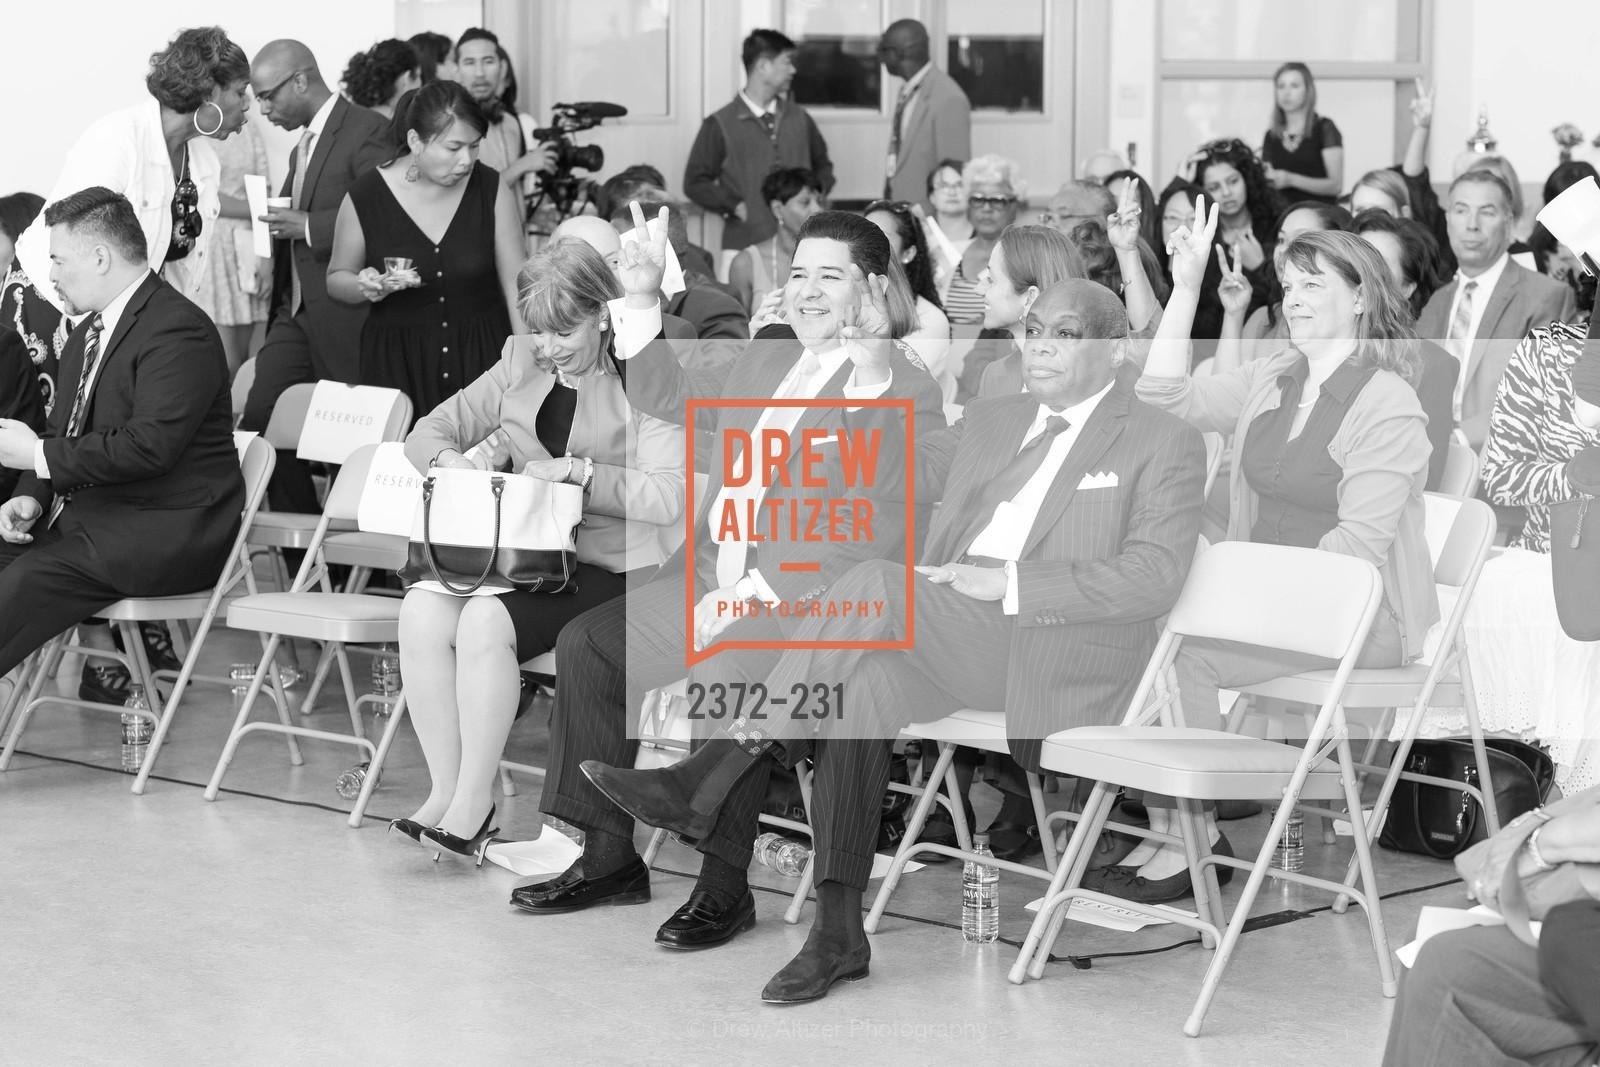 Jackie Speier, Richard Carranza, Willie Brown, Photo #2372-231